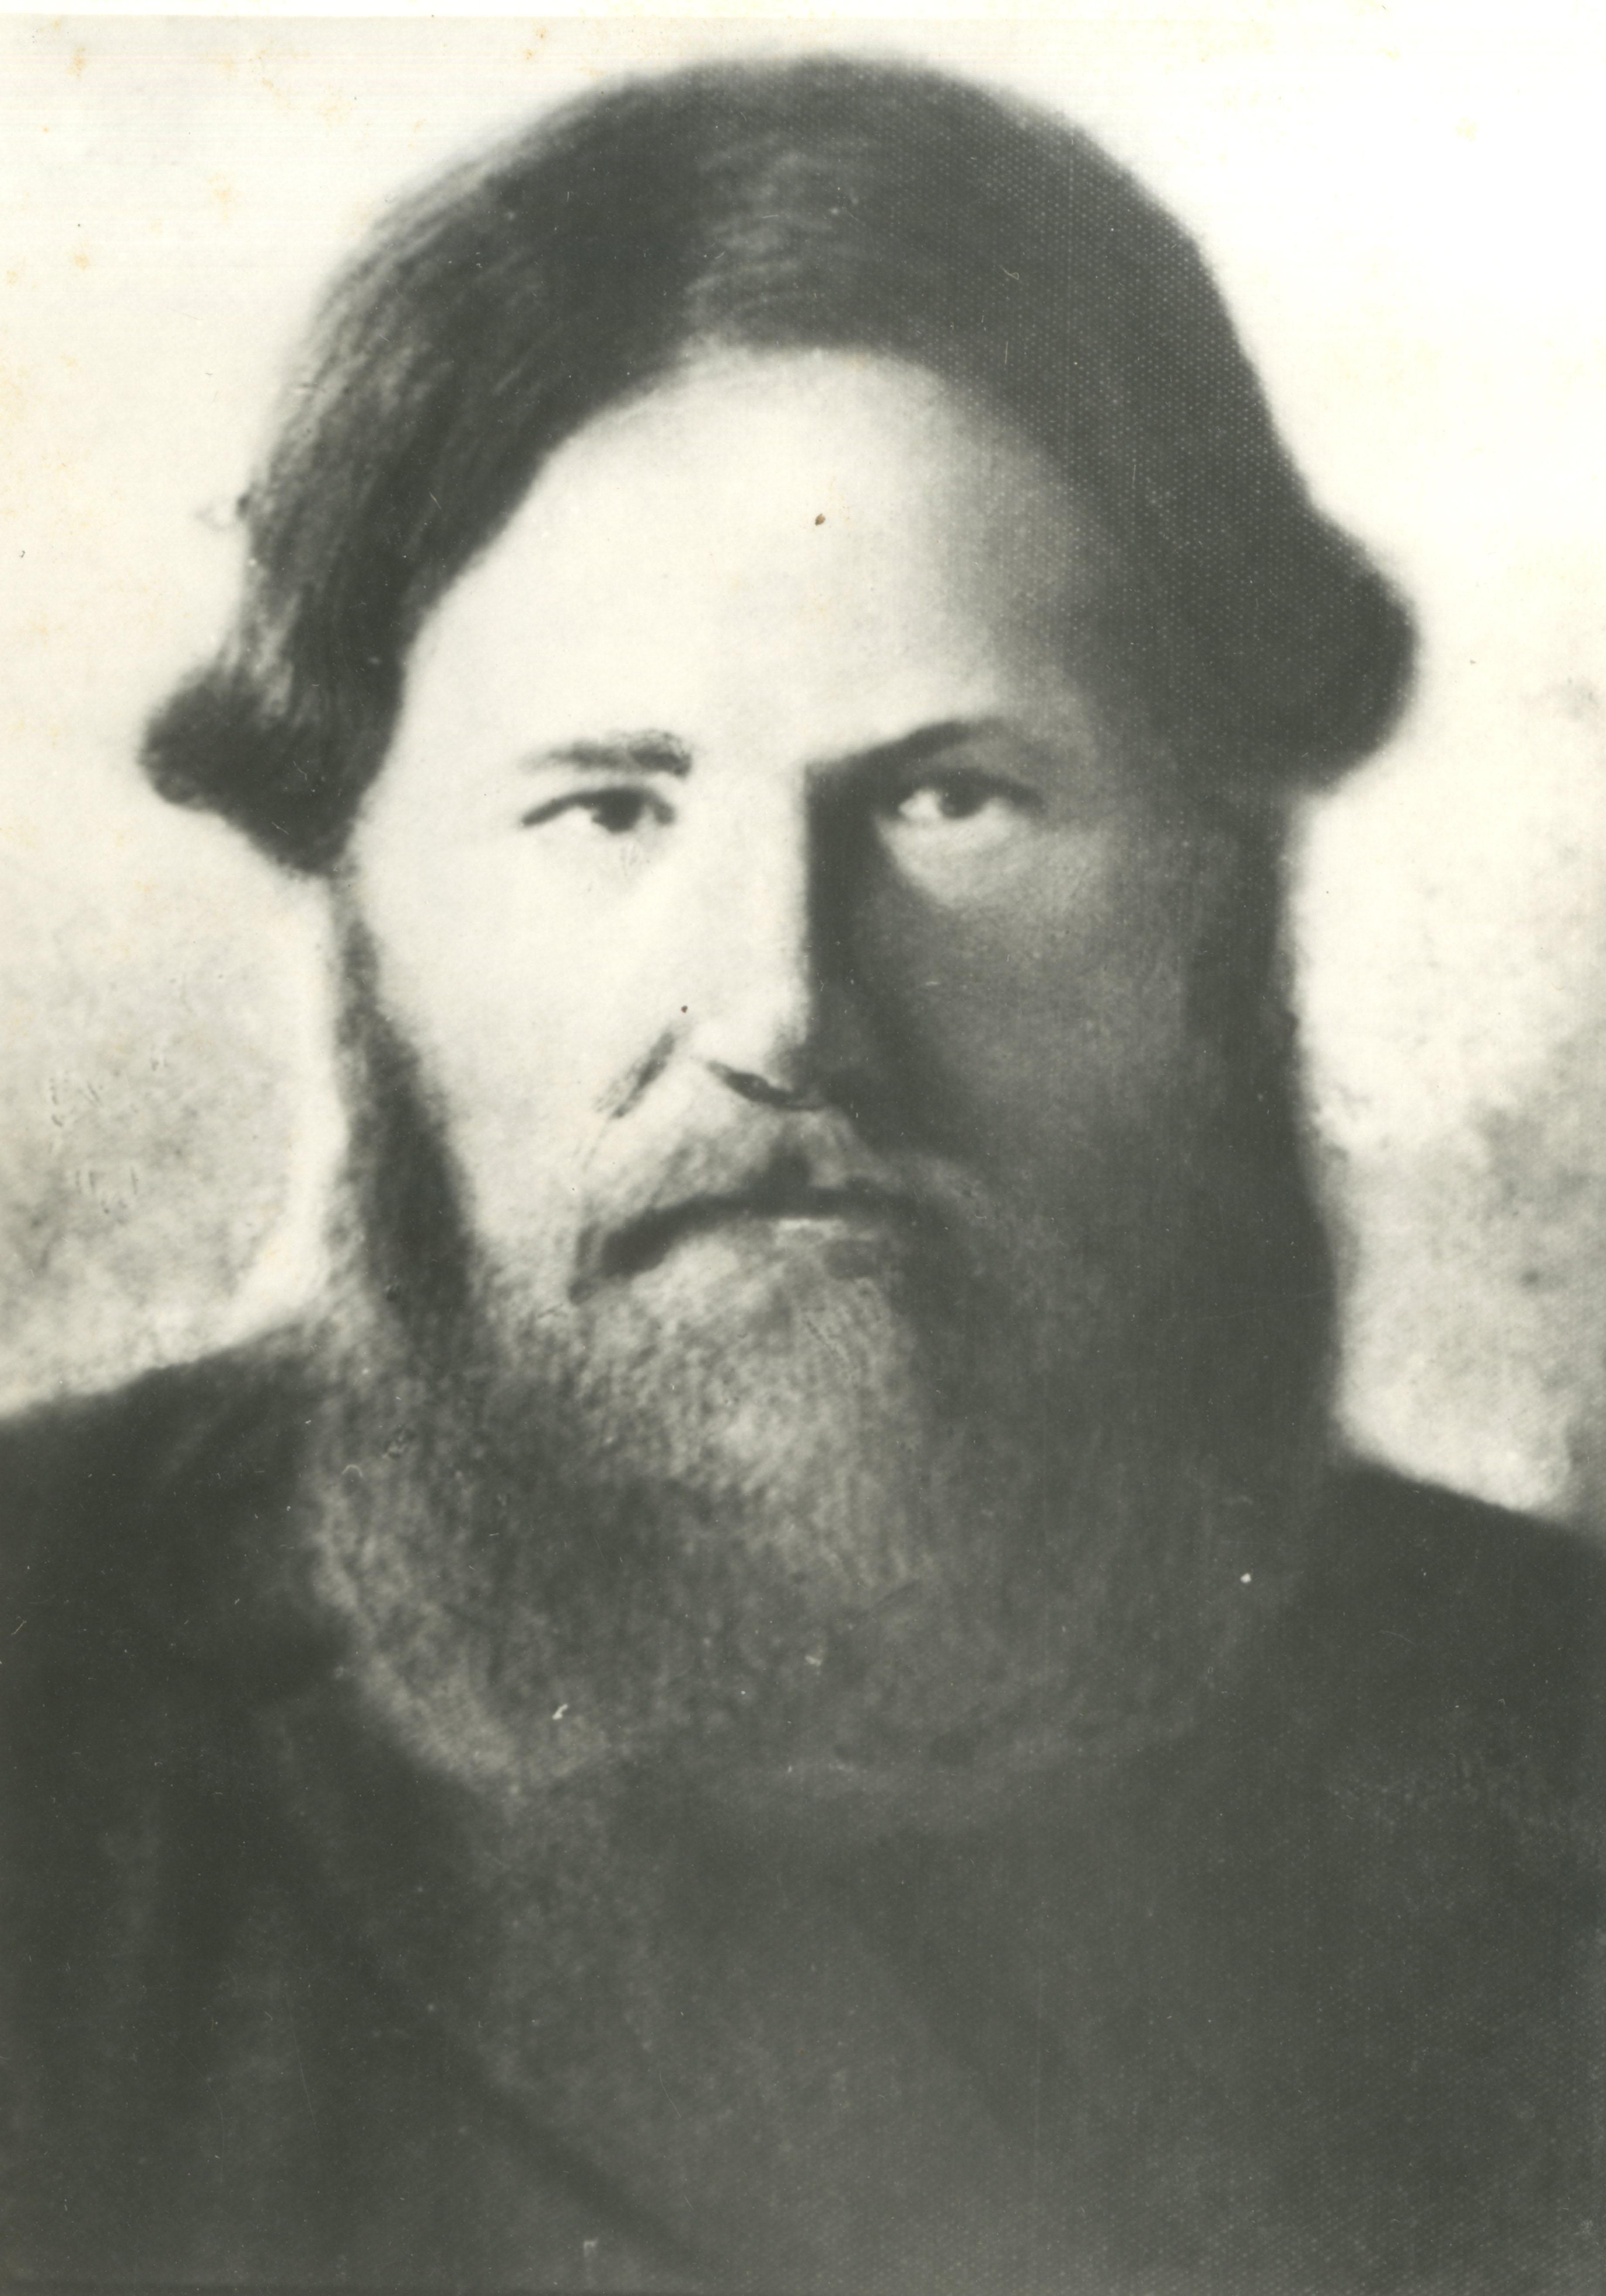 Солдатов Порфирий Михайлович, участник Старо-Буянской республики в 1905